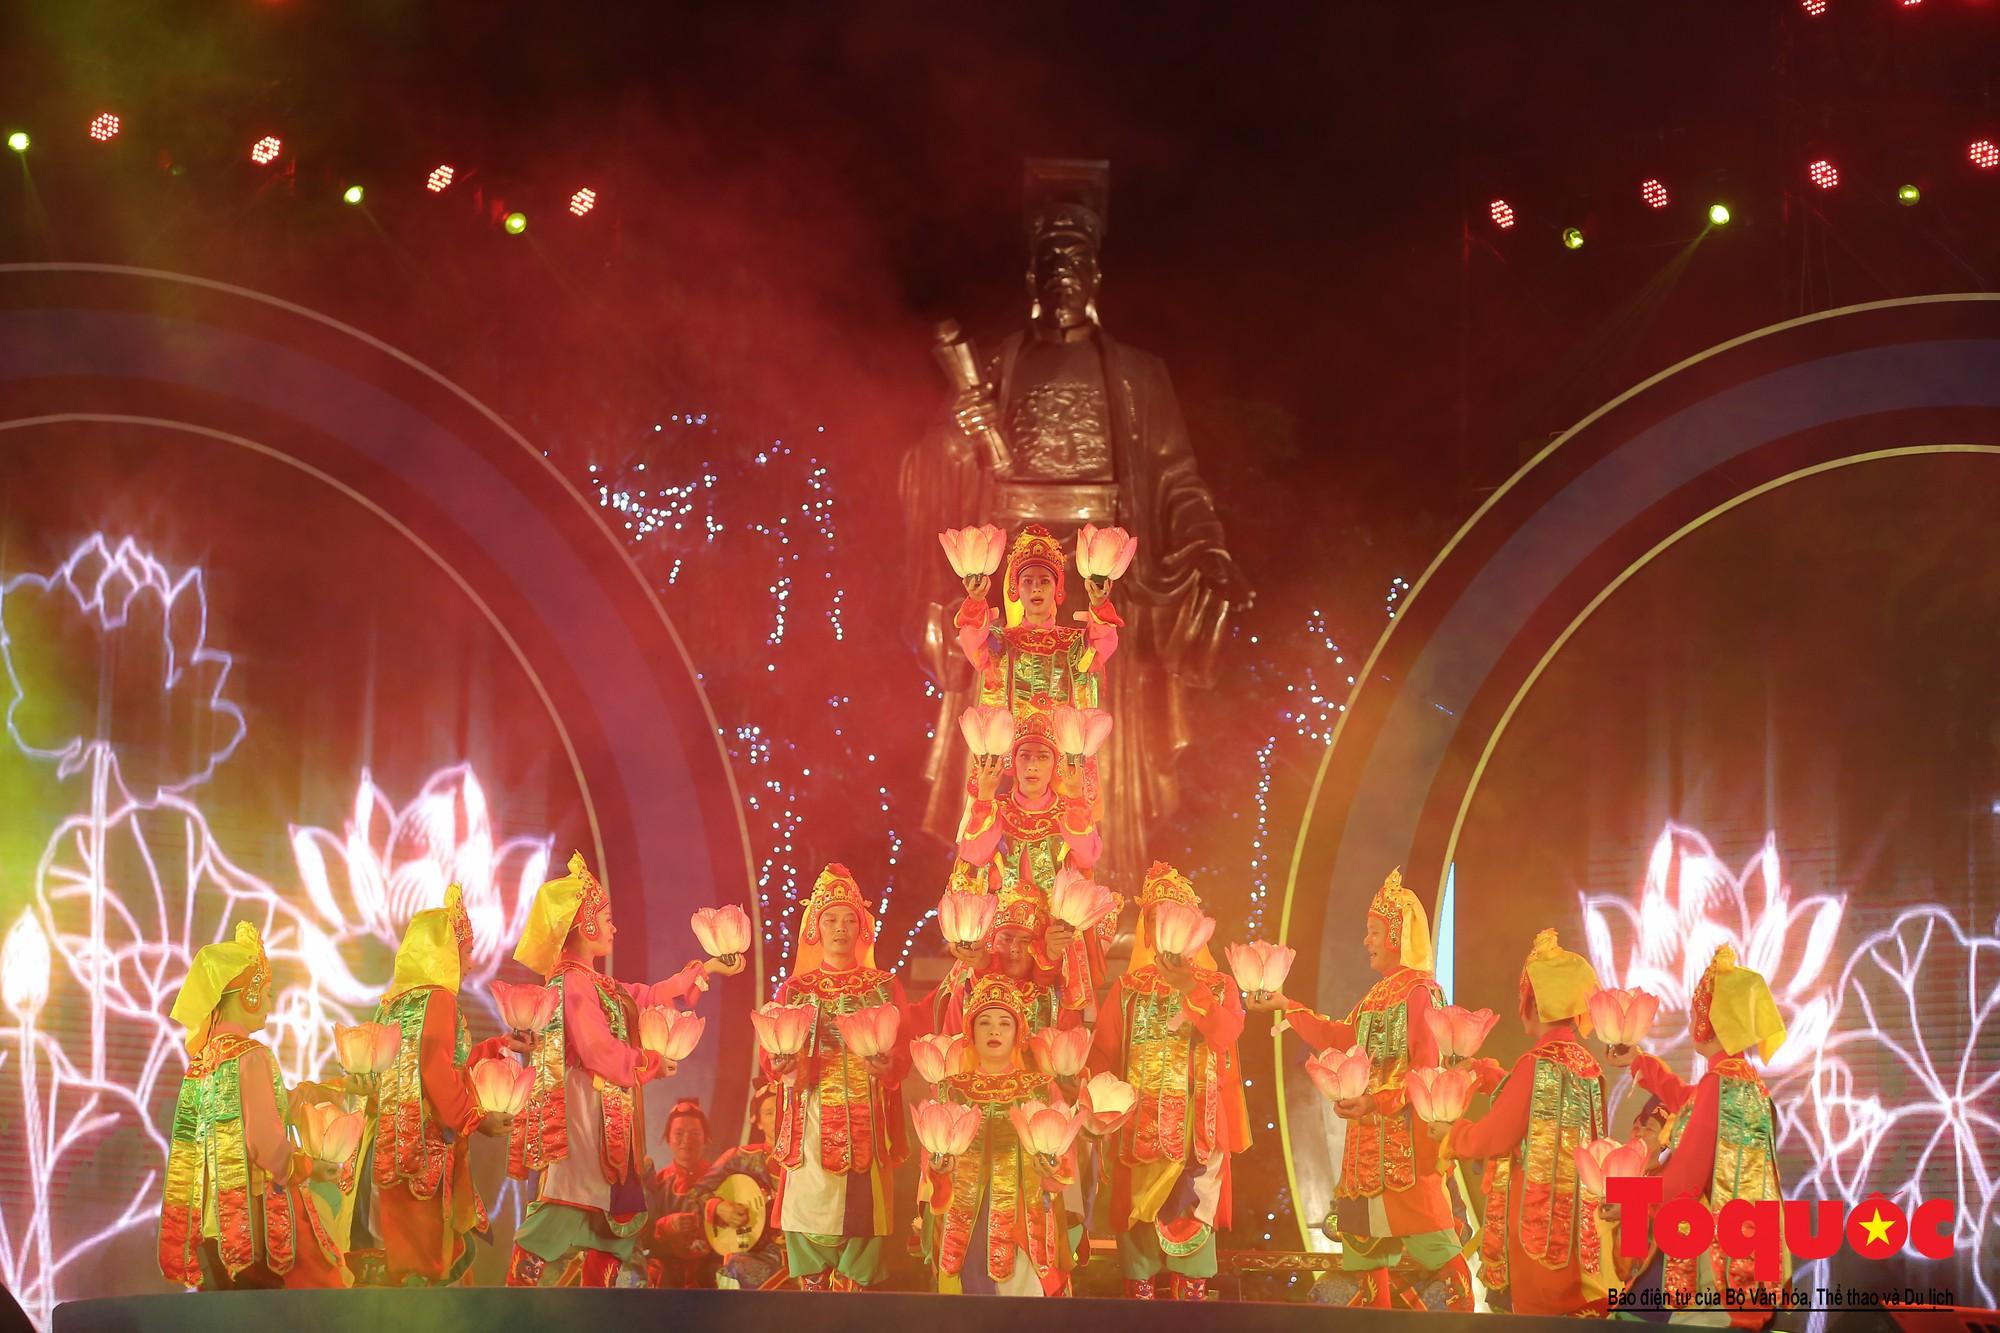 """Ấn tượng chương trình nghệ thuật kỷ niệm 20 năm Hà Nội - """"Thành phố Vì hòa bình"""" (7)"""